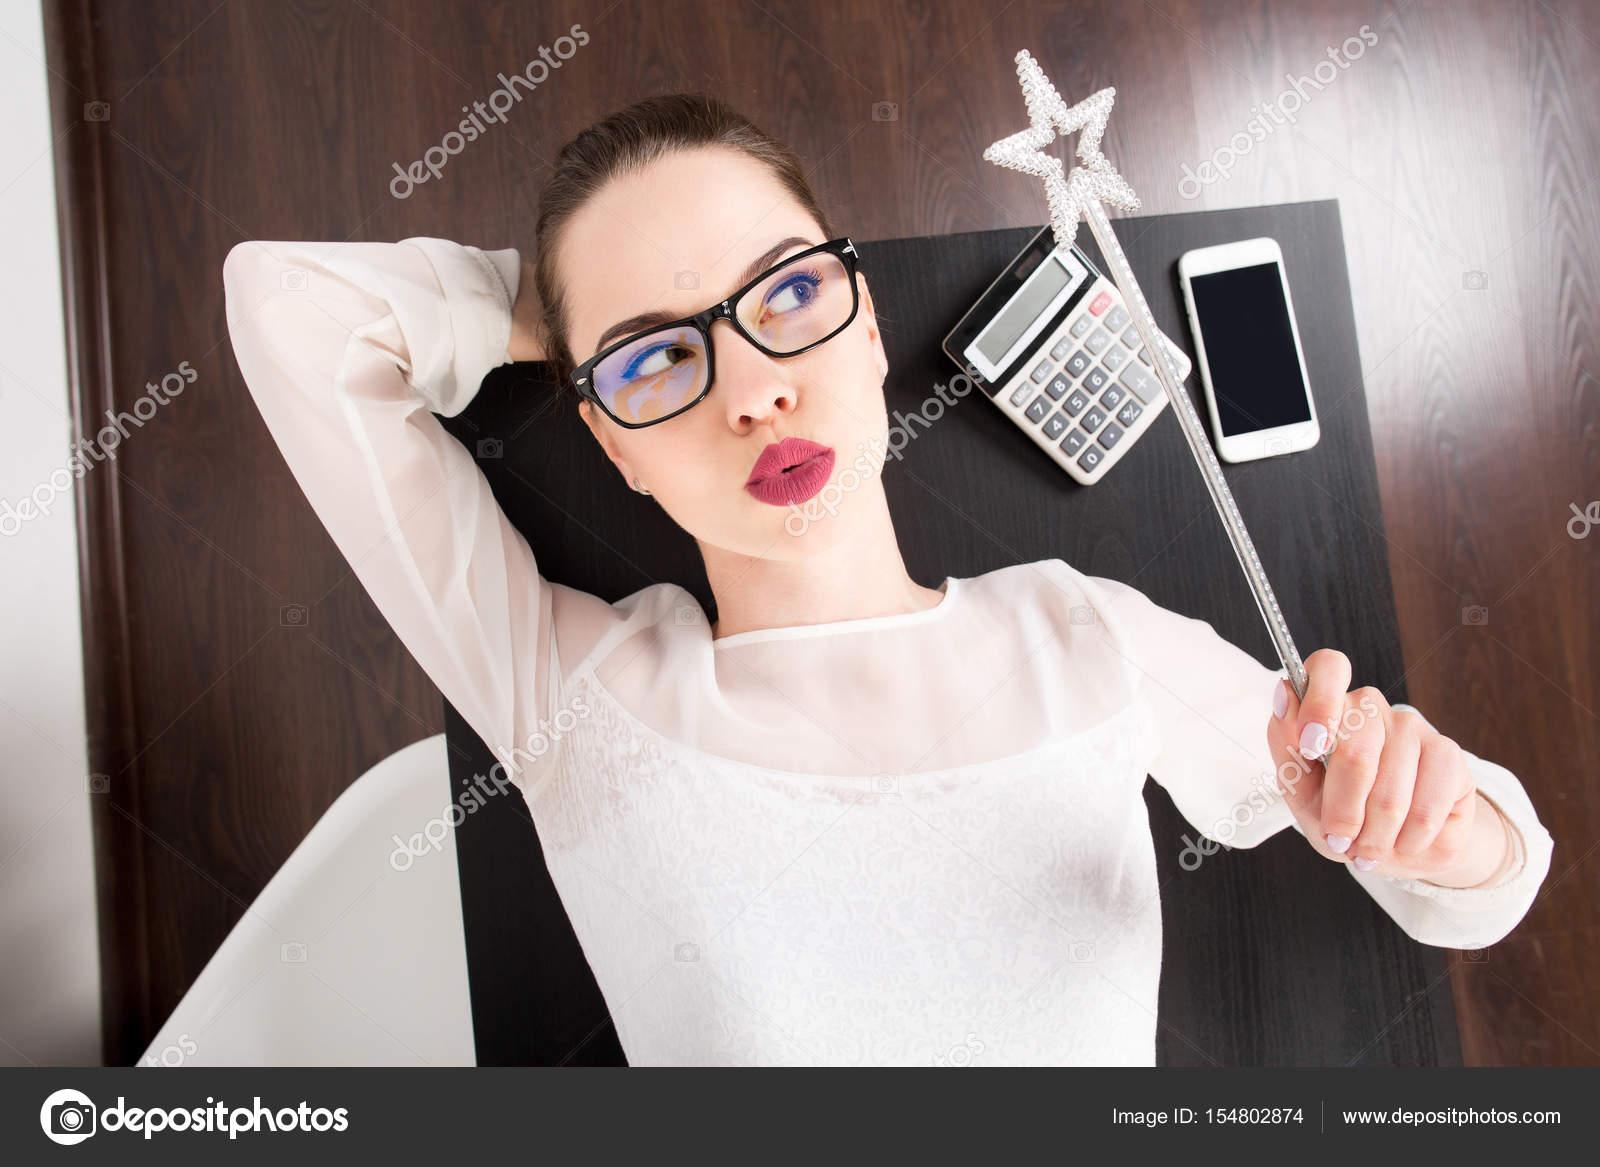 d8191c72010c νέοι επαγγελματίες γυναίκα με κυκλοθυμική έκφραση στο πρόσωπό της ...